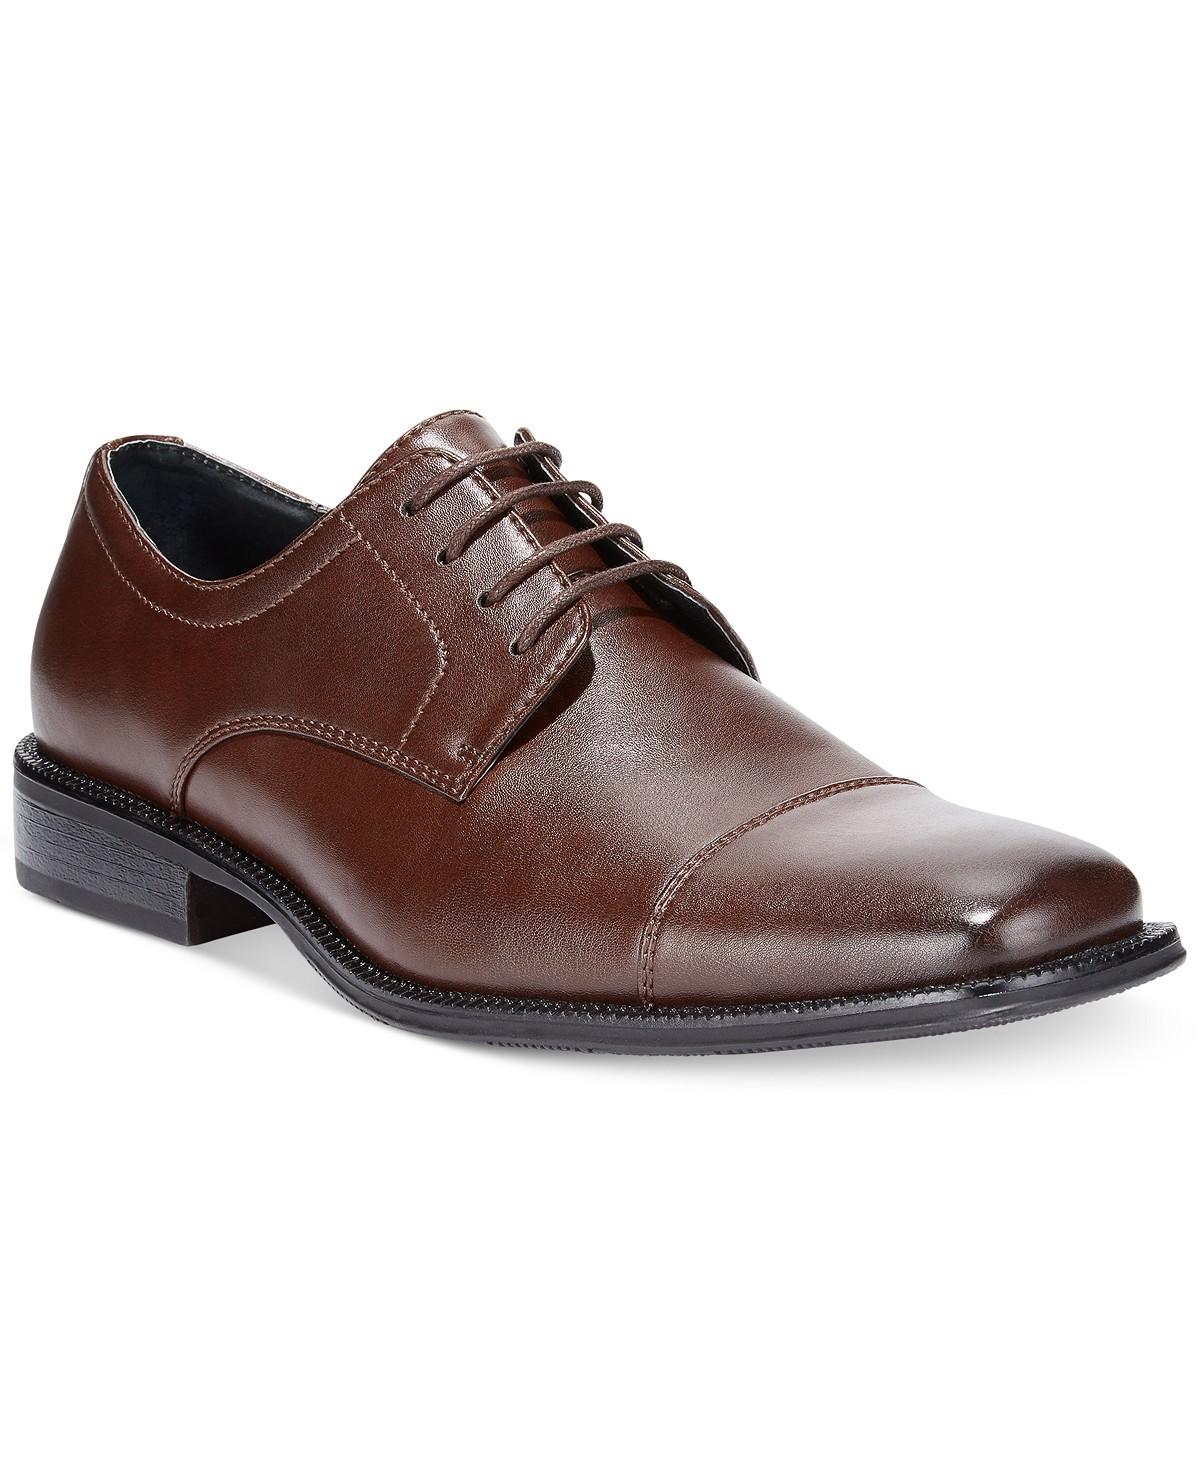 6ec655acaf6 Alfani Men s Adam Cap Toe Oxford (Brown) - Slickdeals.net